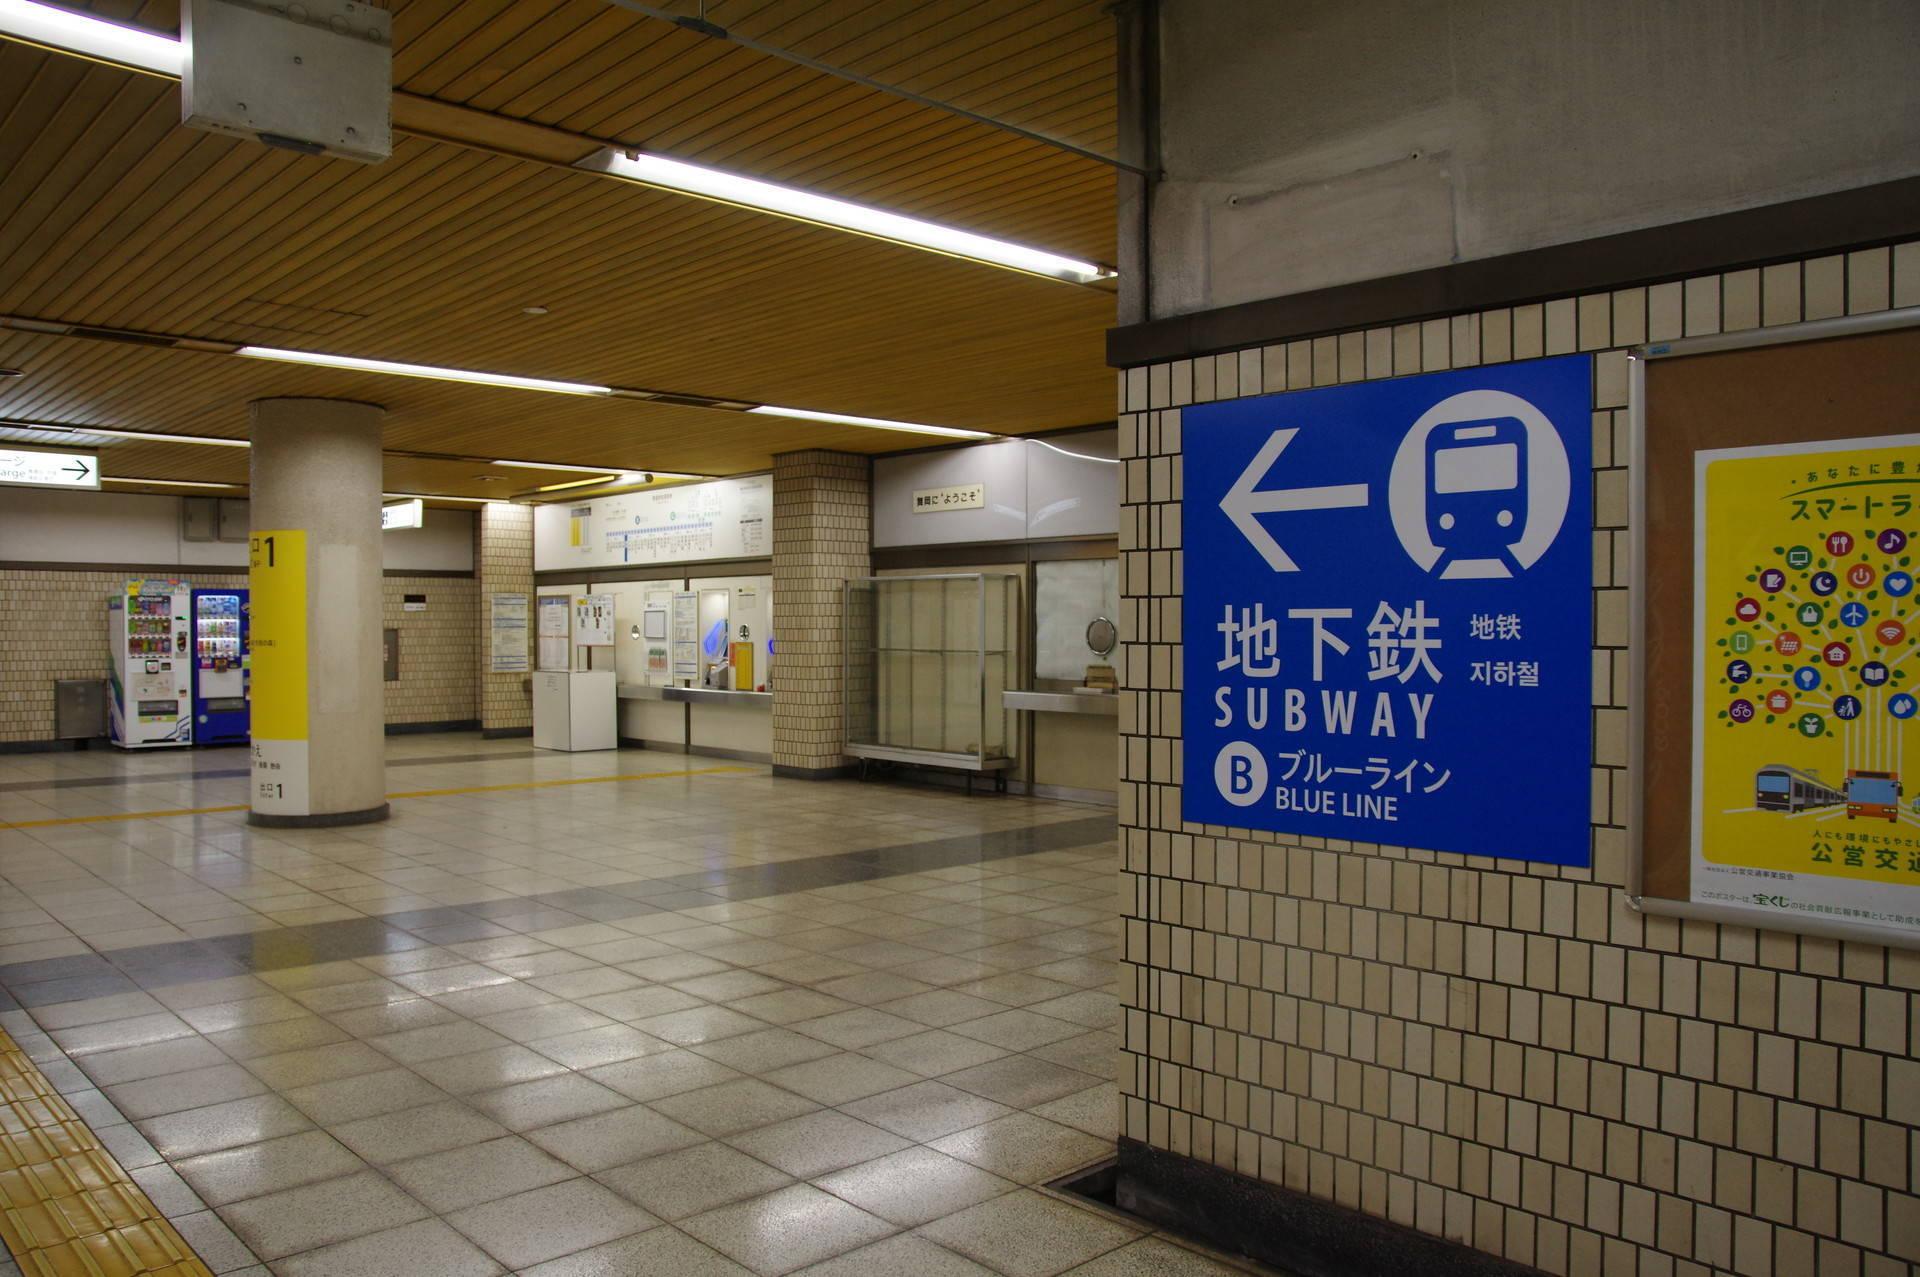 青色の看板と駅コンコース